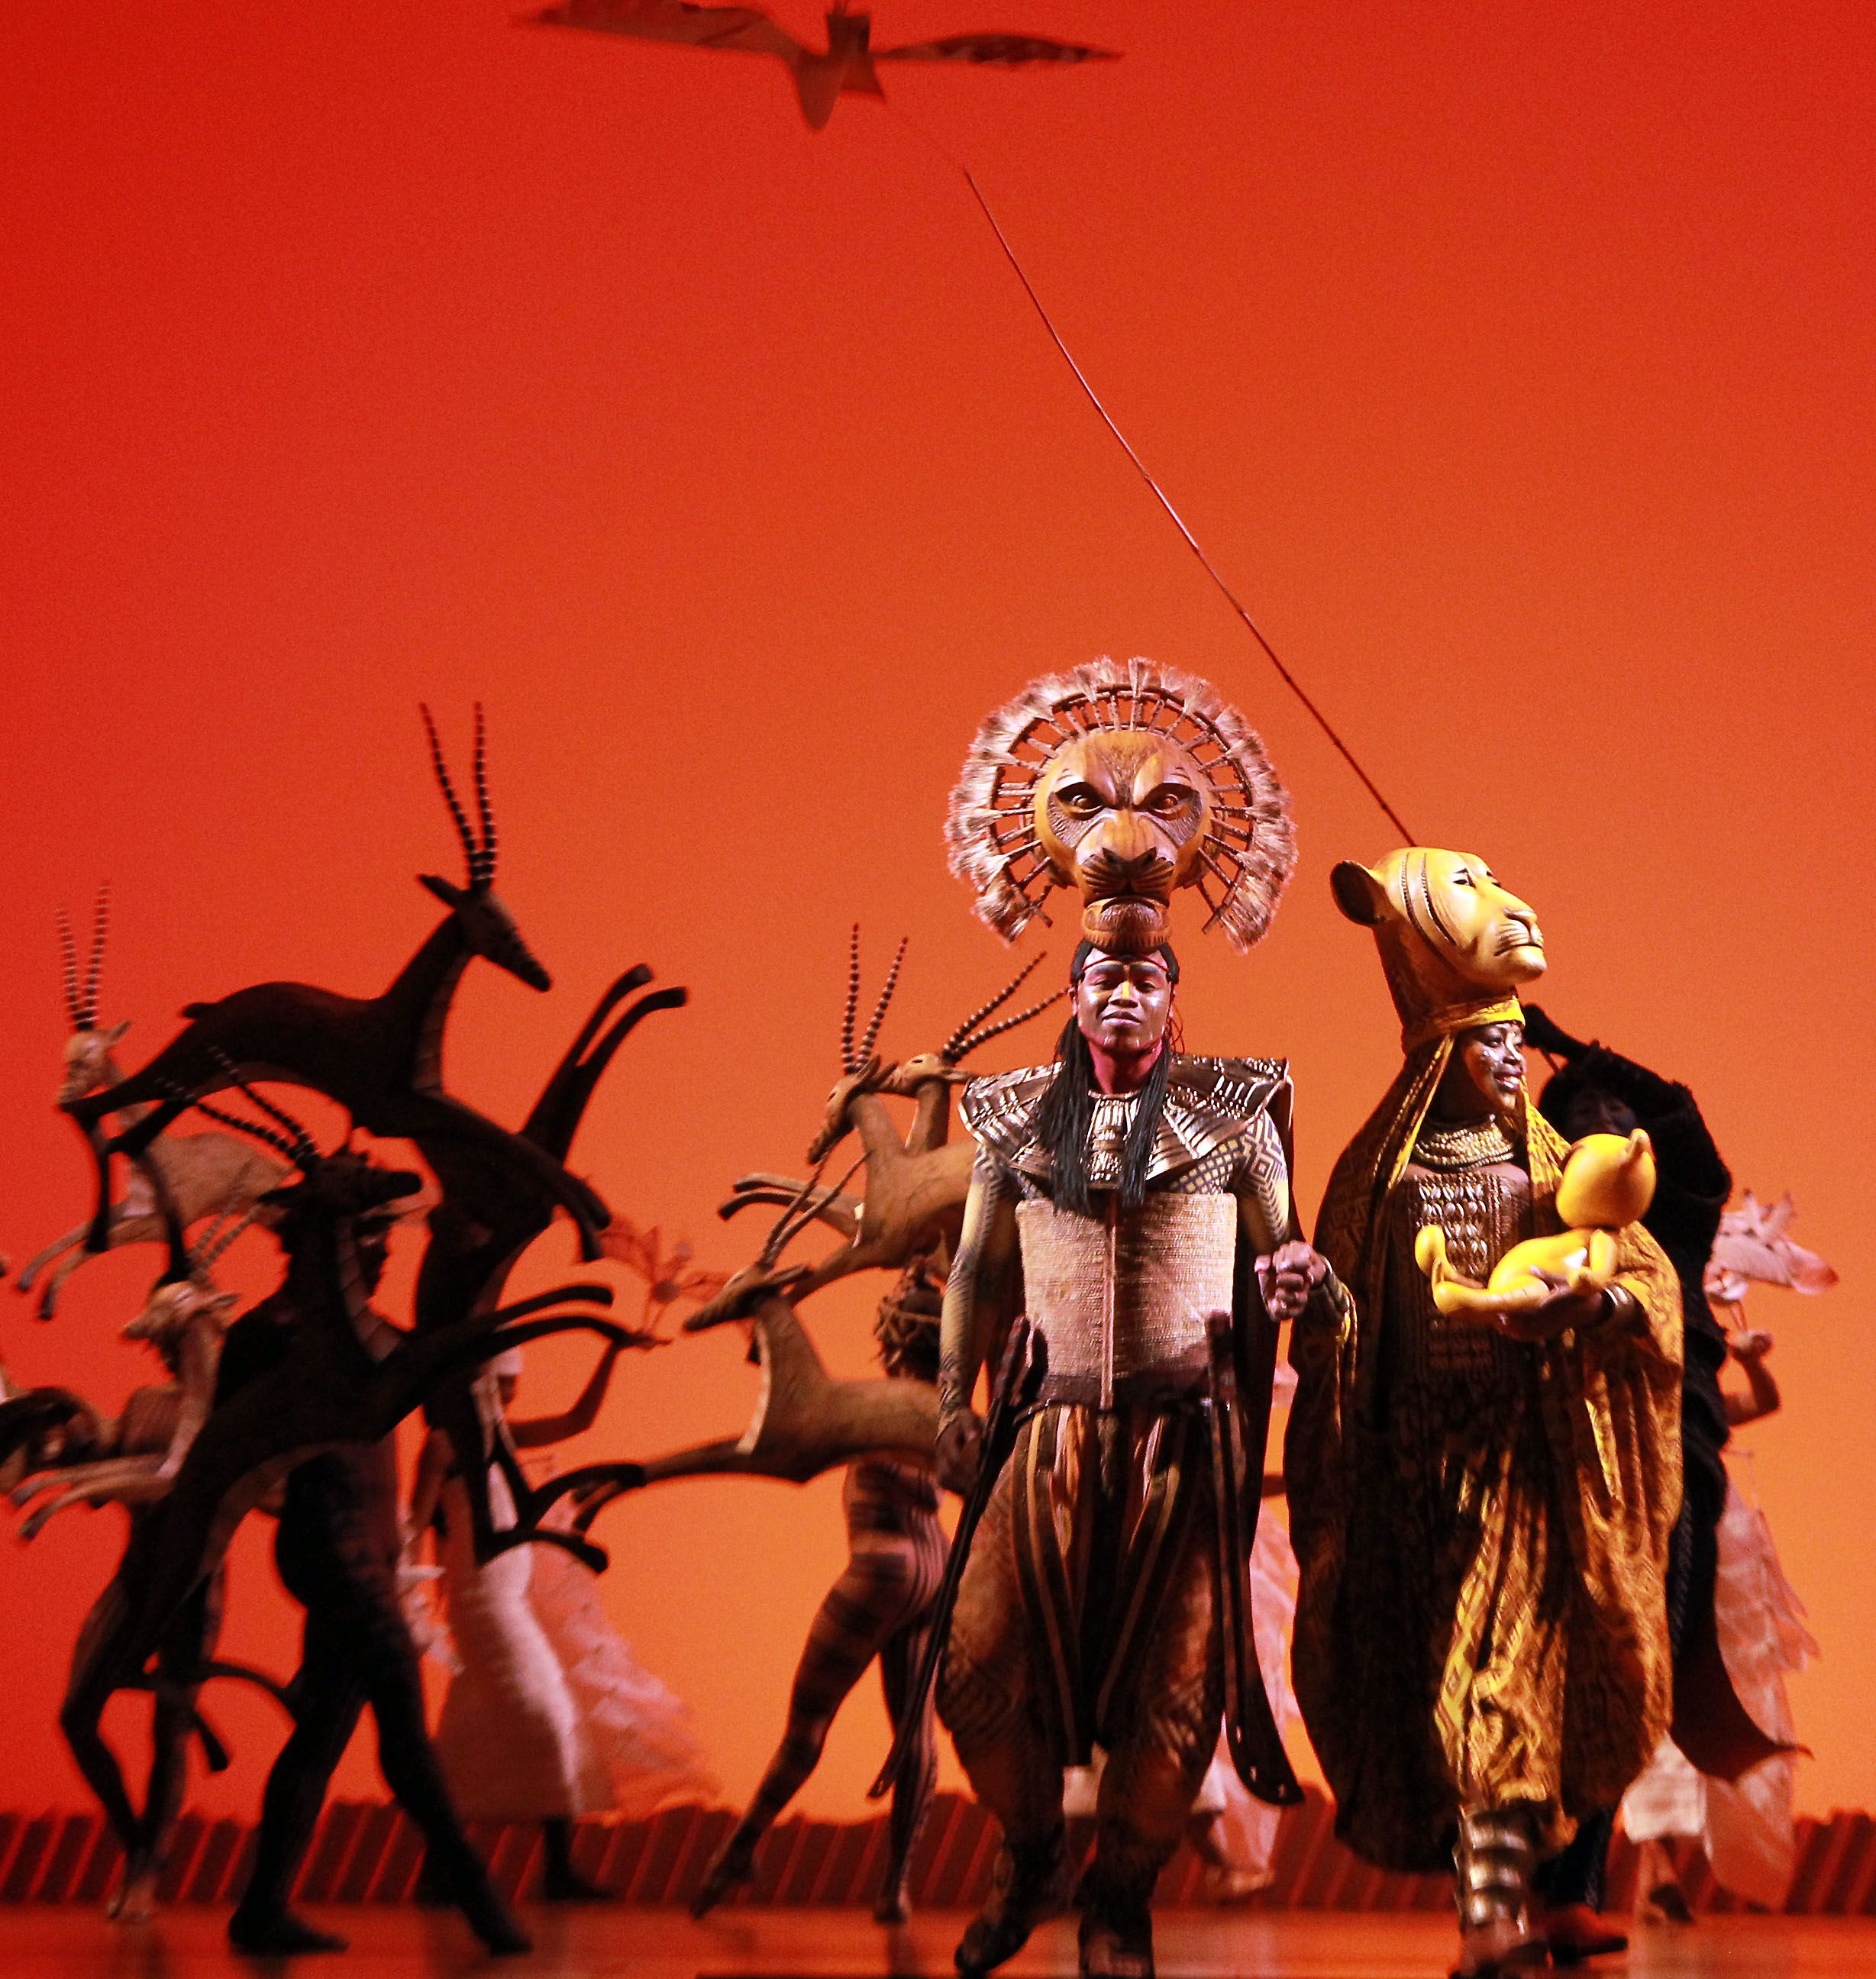 睽違11年真人版「獅子王」音樂劇再度台北小巨蛋盛大演出19場,是全球最受歡迎的音樂劇之一。(記者邱榮吉/攝影)